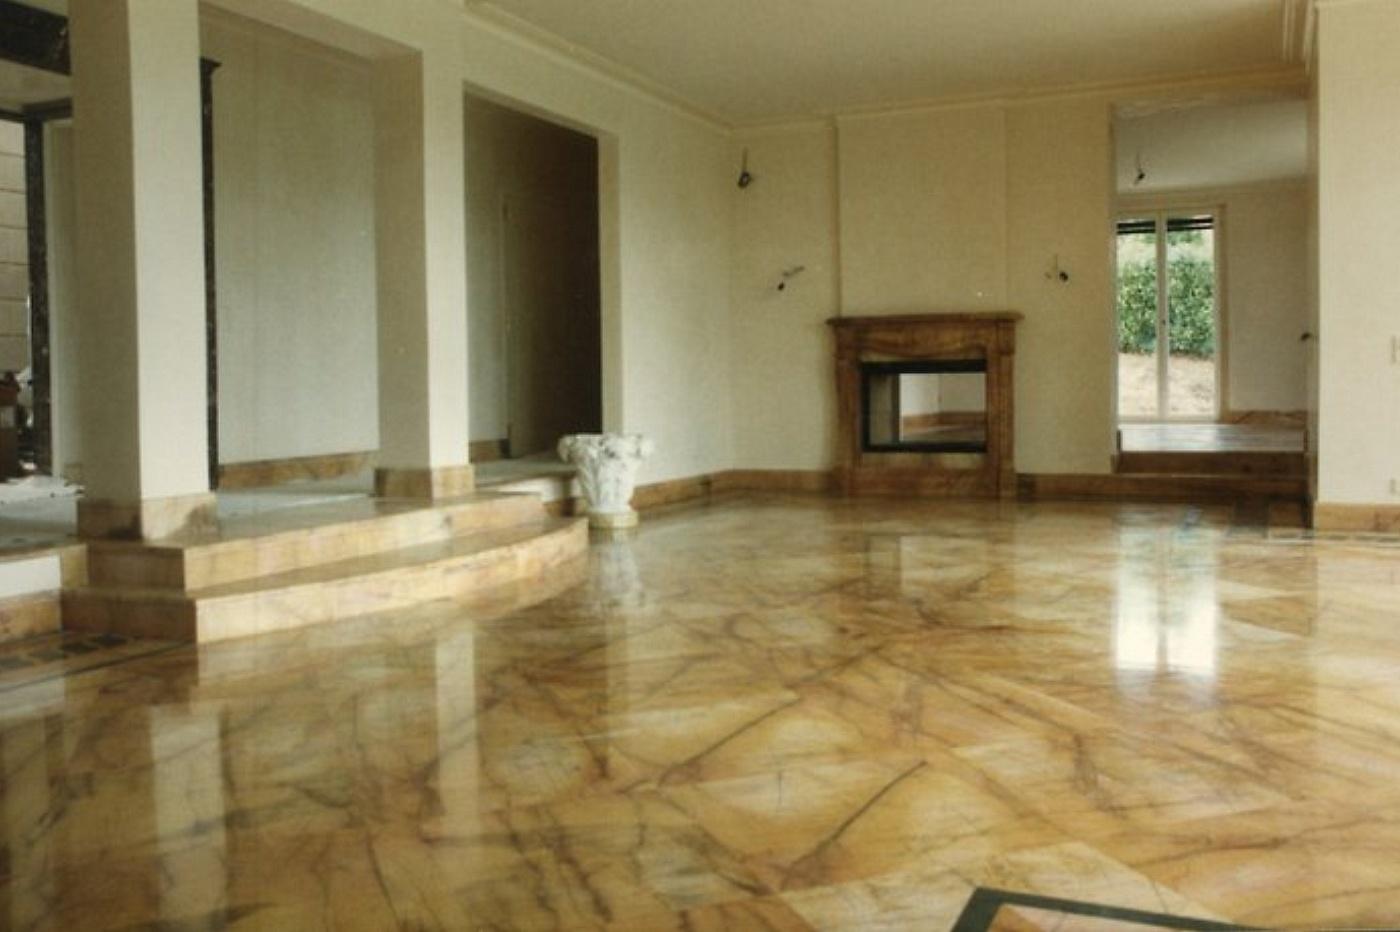 Sols interni di prestigio pavimentazione in marmo for Mosaici in marmo per pavimenti